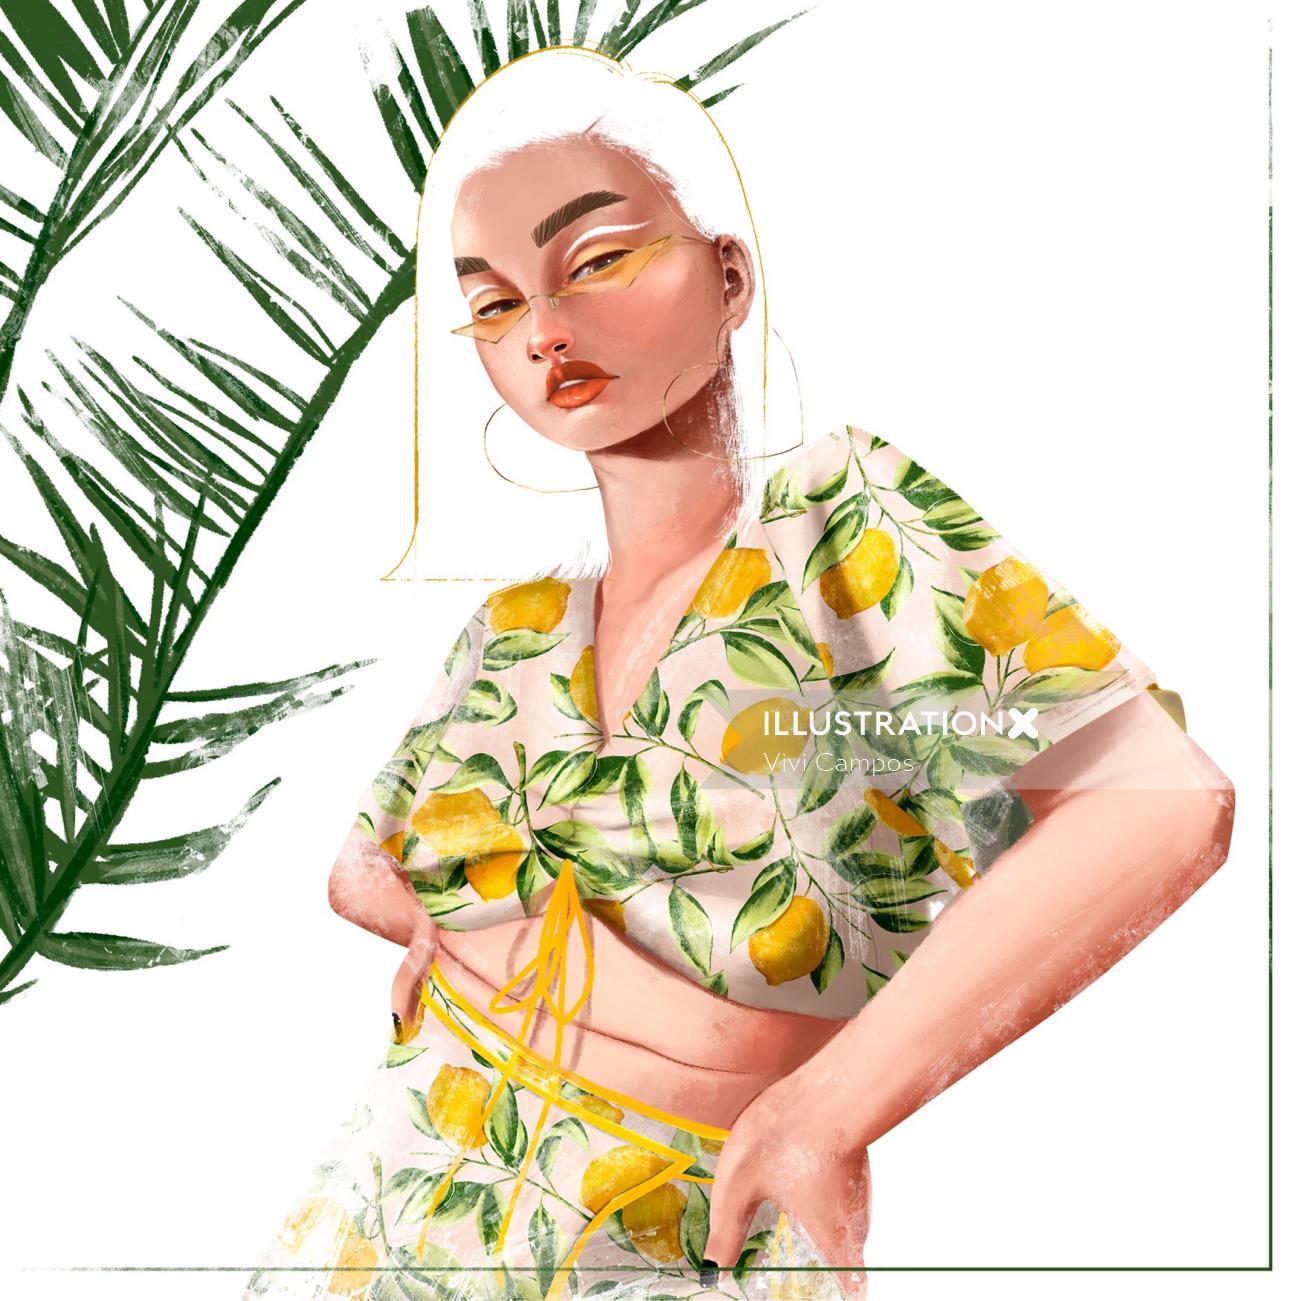 lemon print illustration for clothing